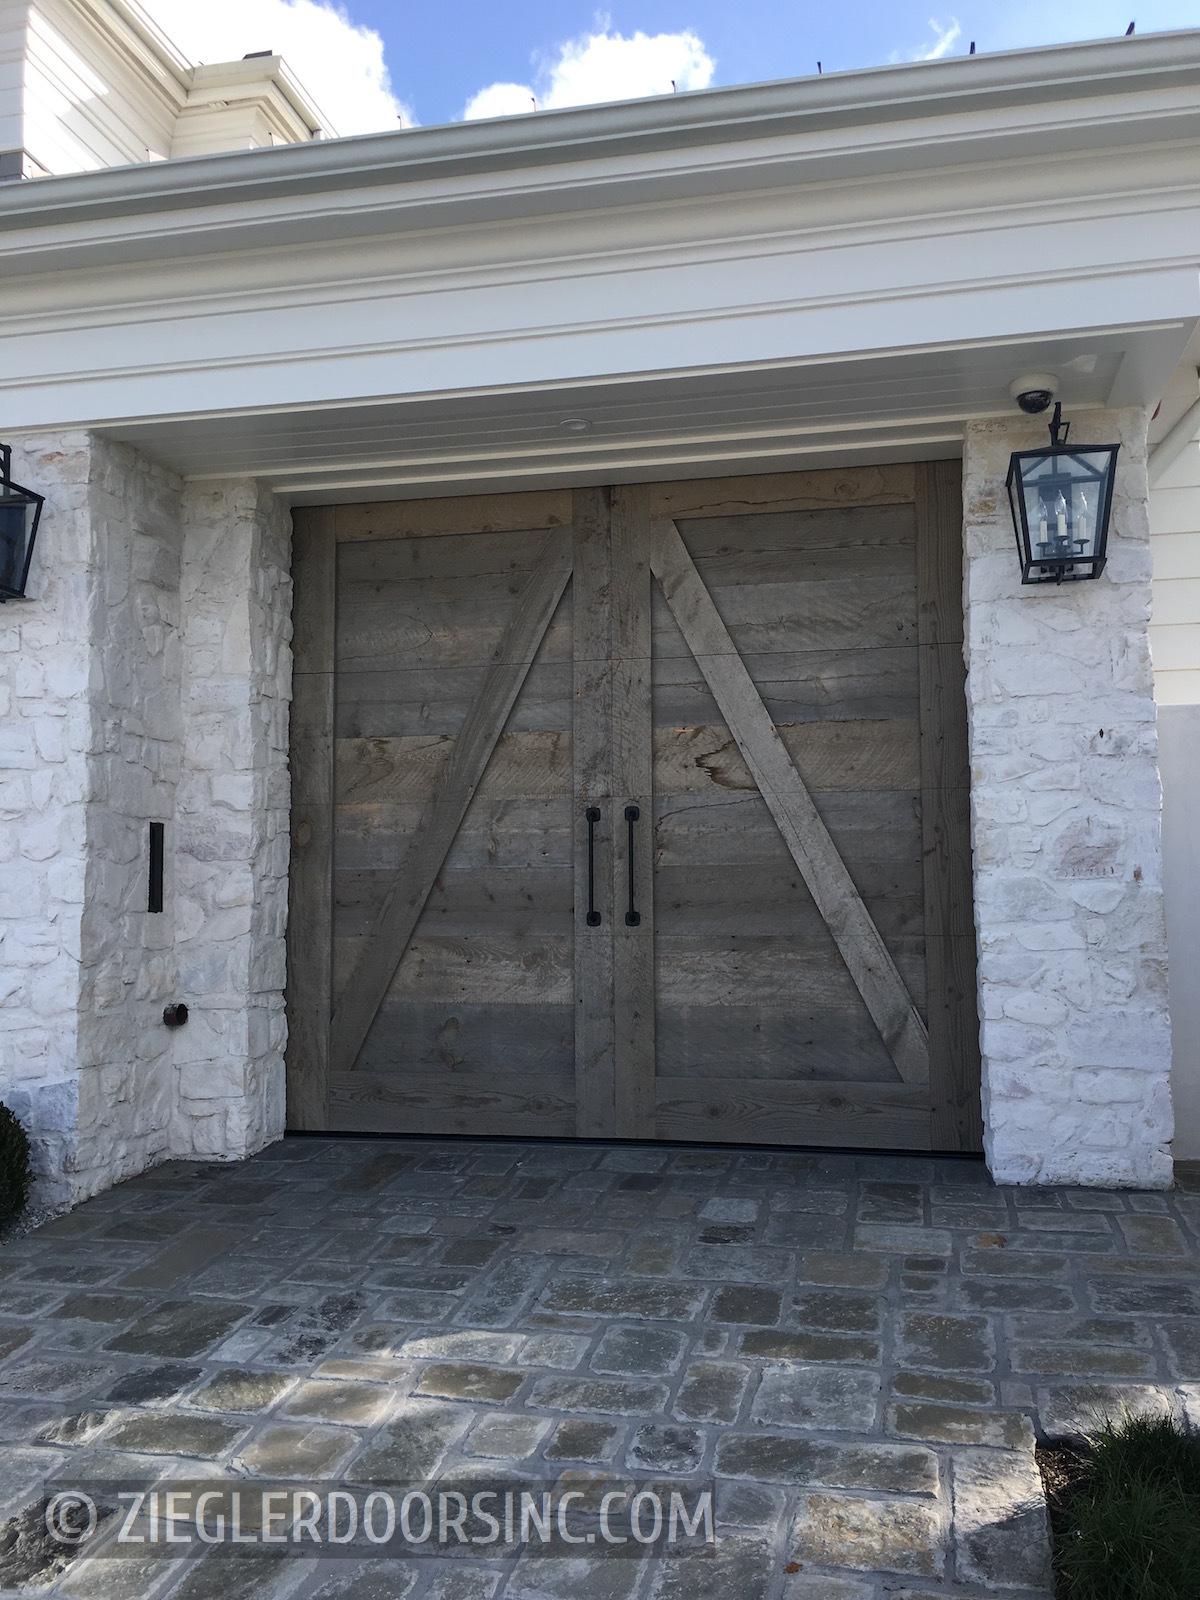 Reclaimed Wood Garage Doors Zielger, Reclaimed Barn Wood Garage Doors